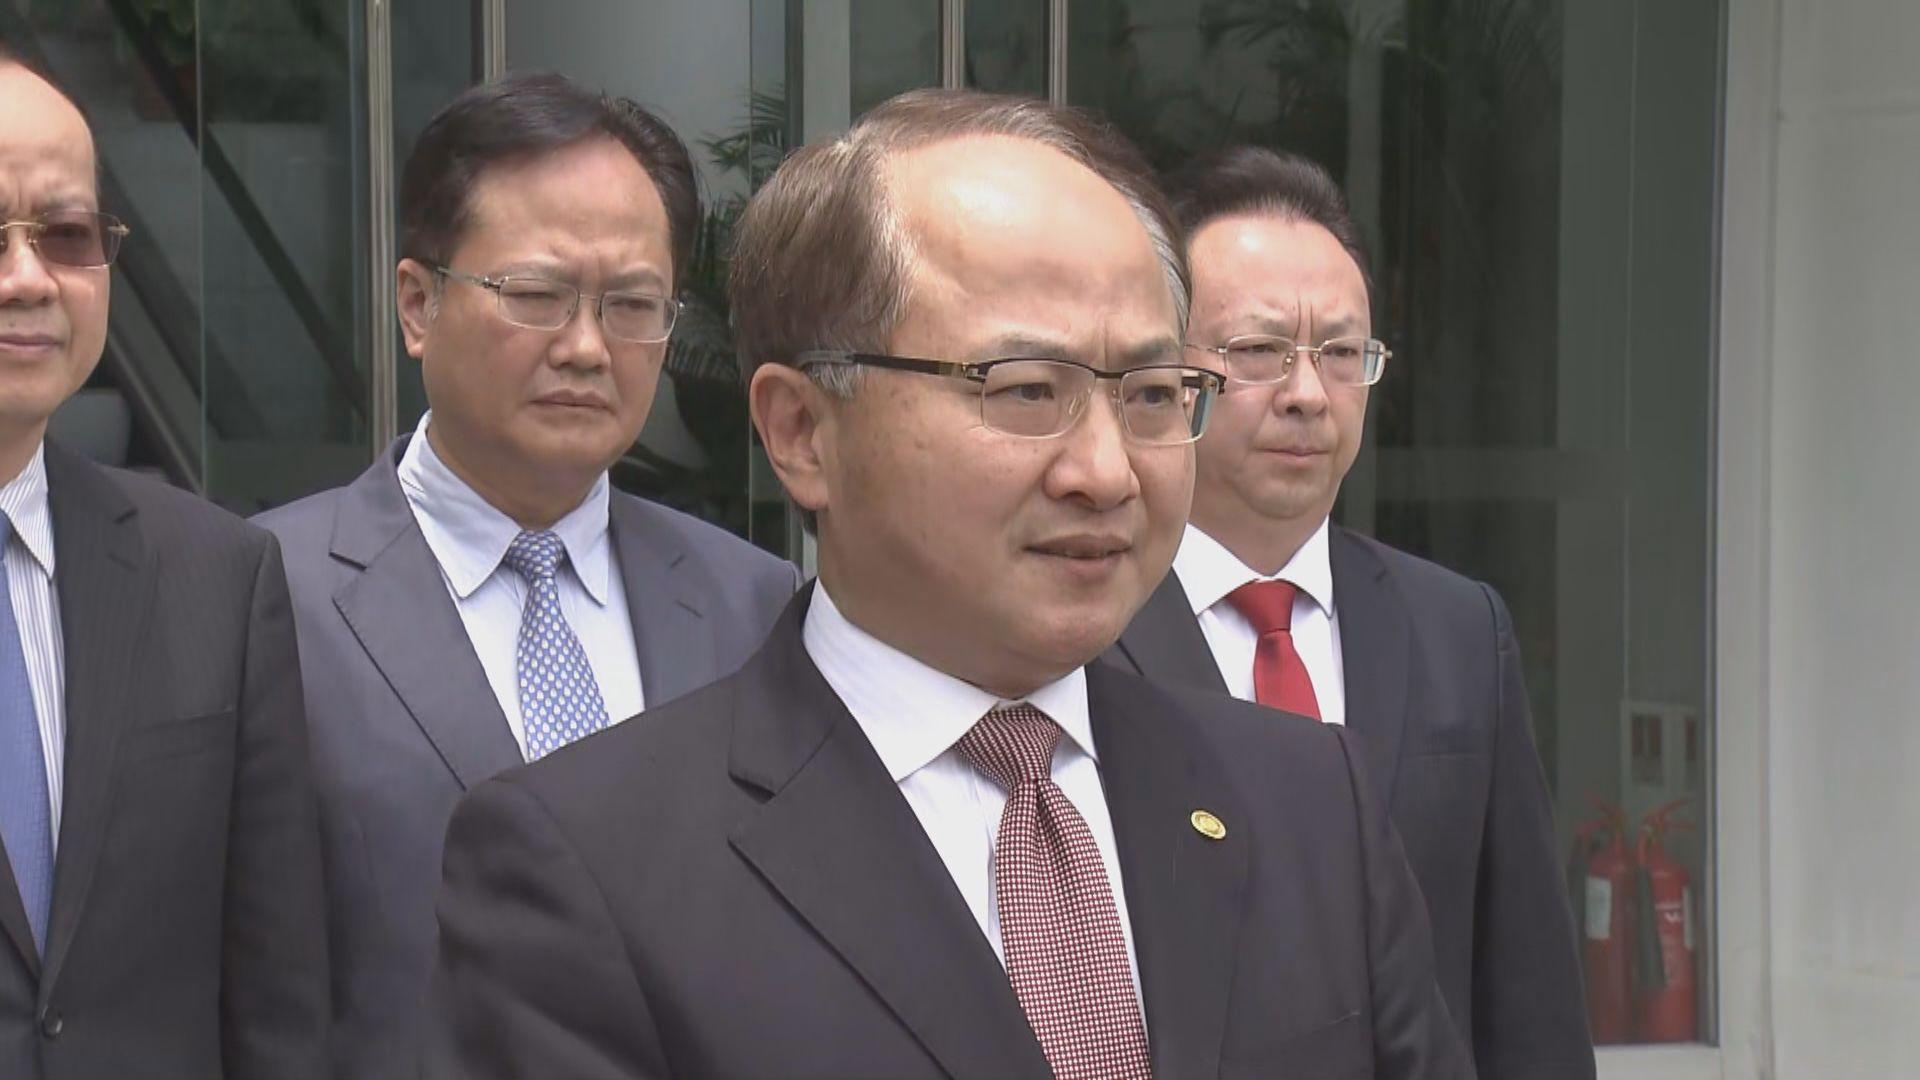 中聯辦主任王志民被免去職務 曾在反修例風波高調表態